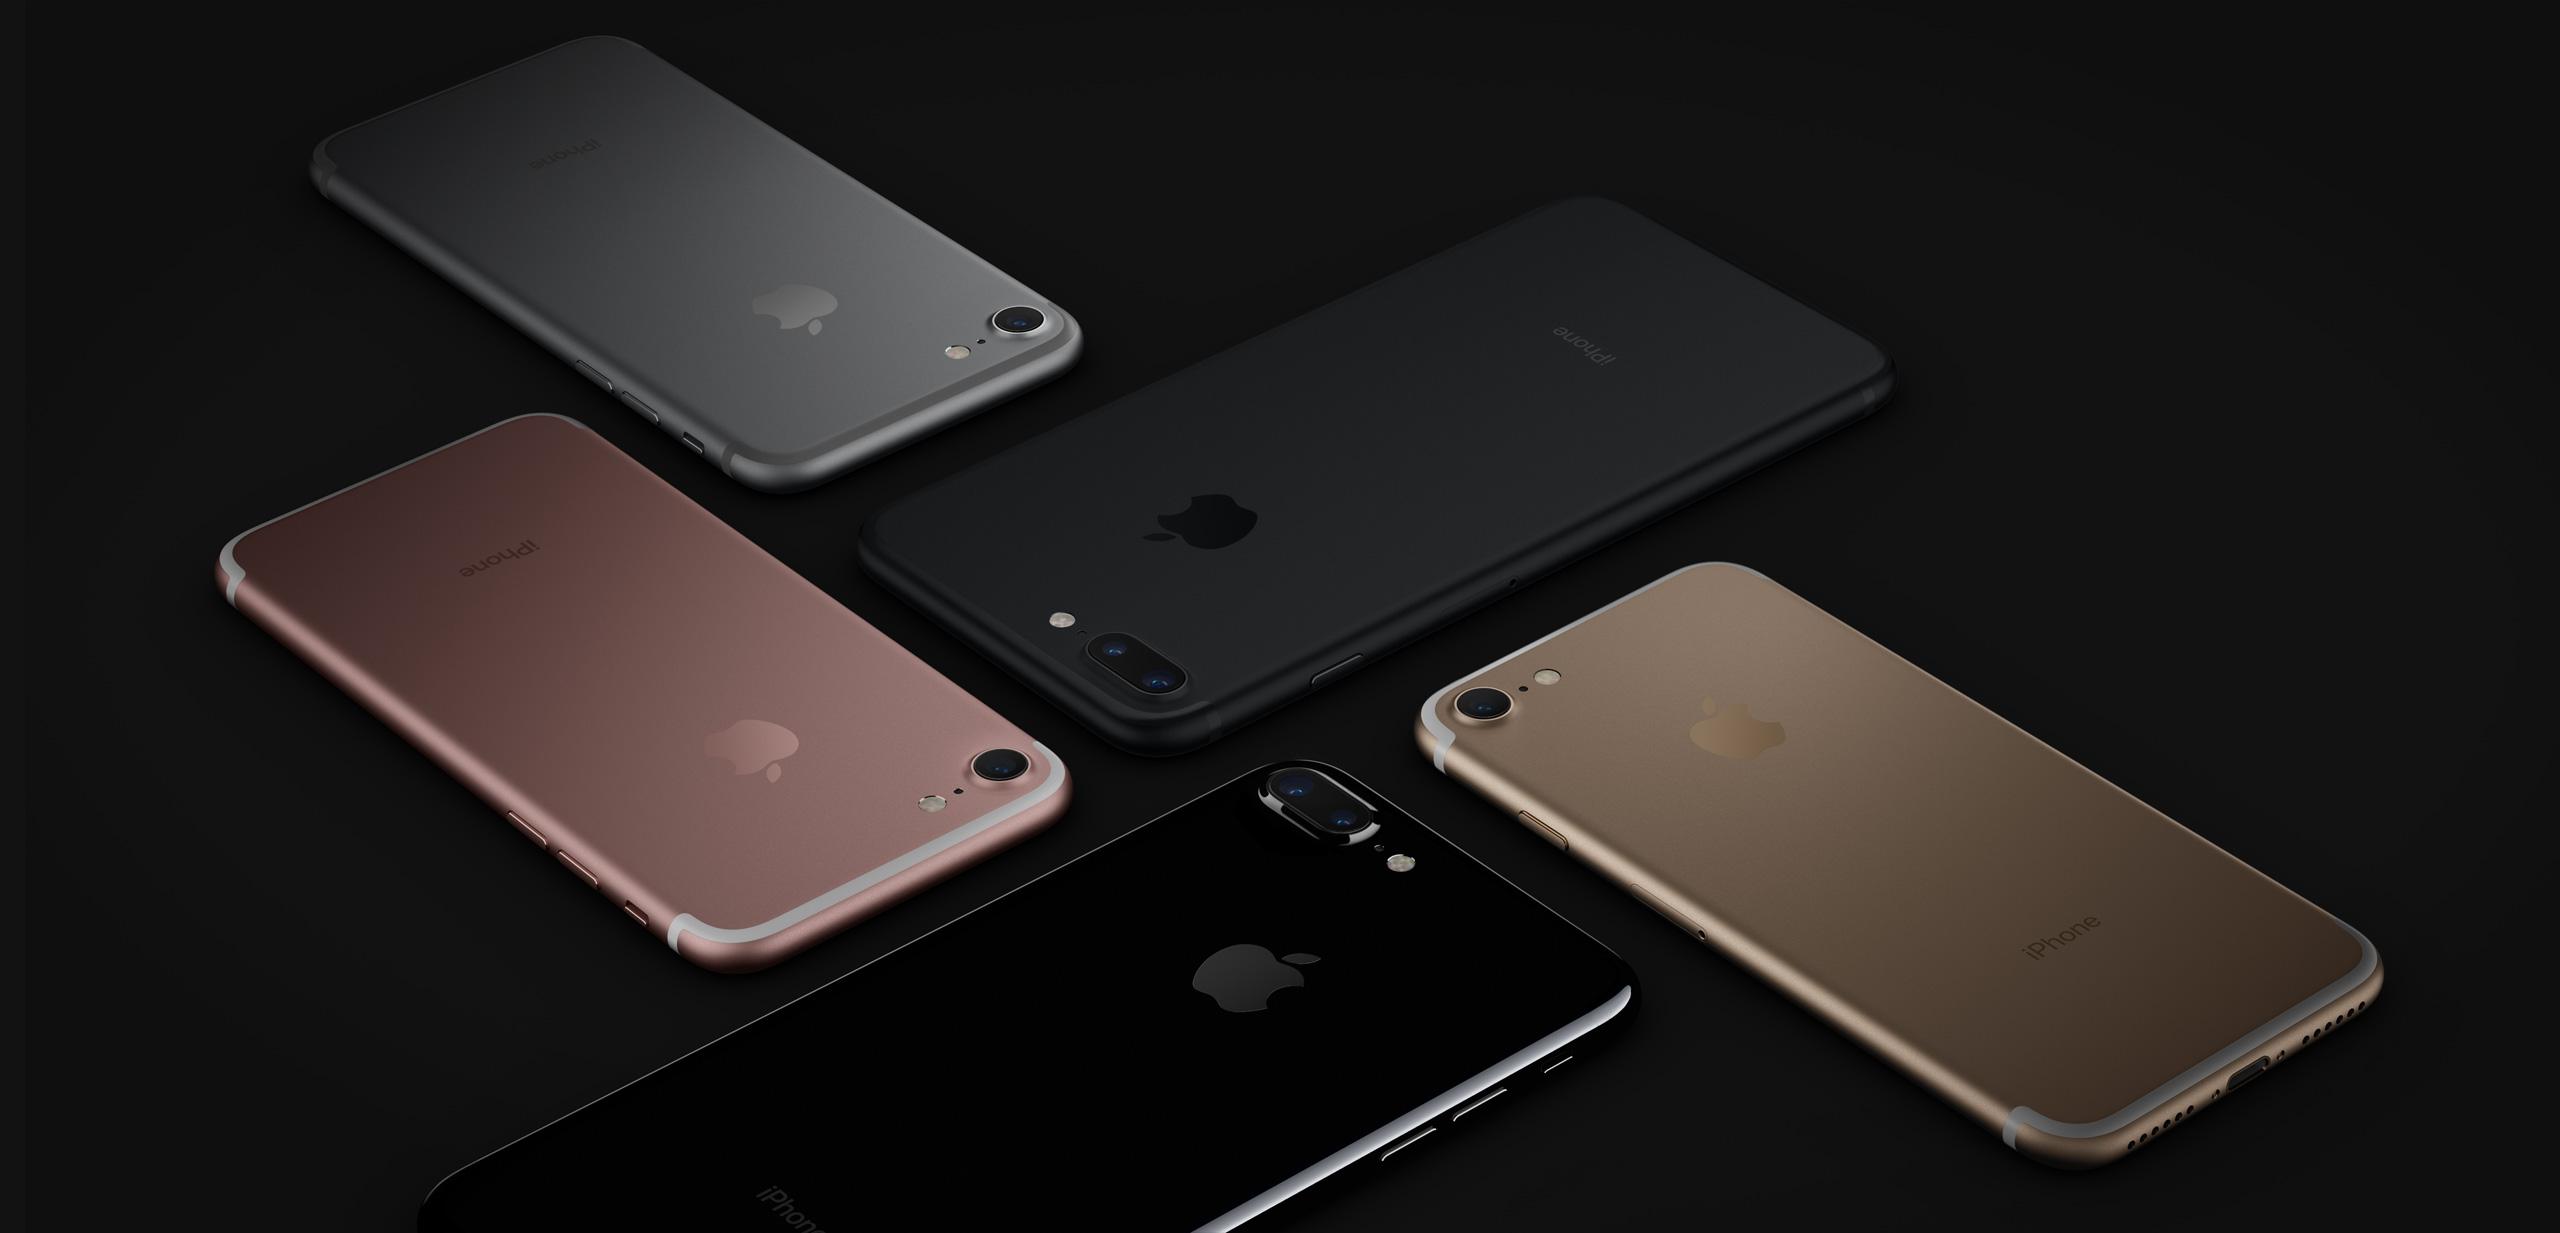 无线,无繁琐,只有妙不可言的iPhone 7